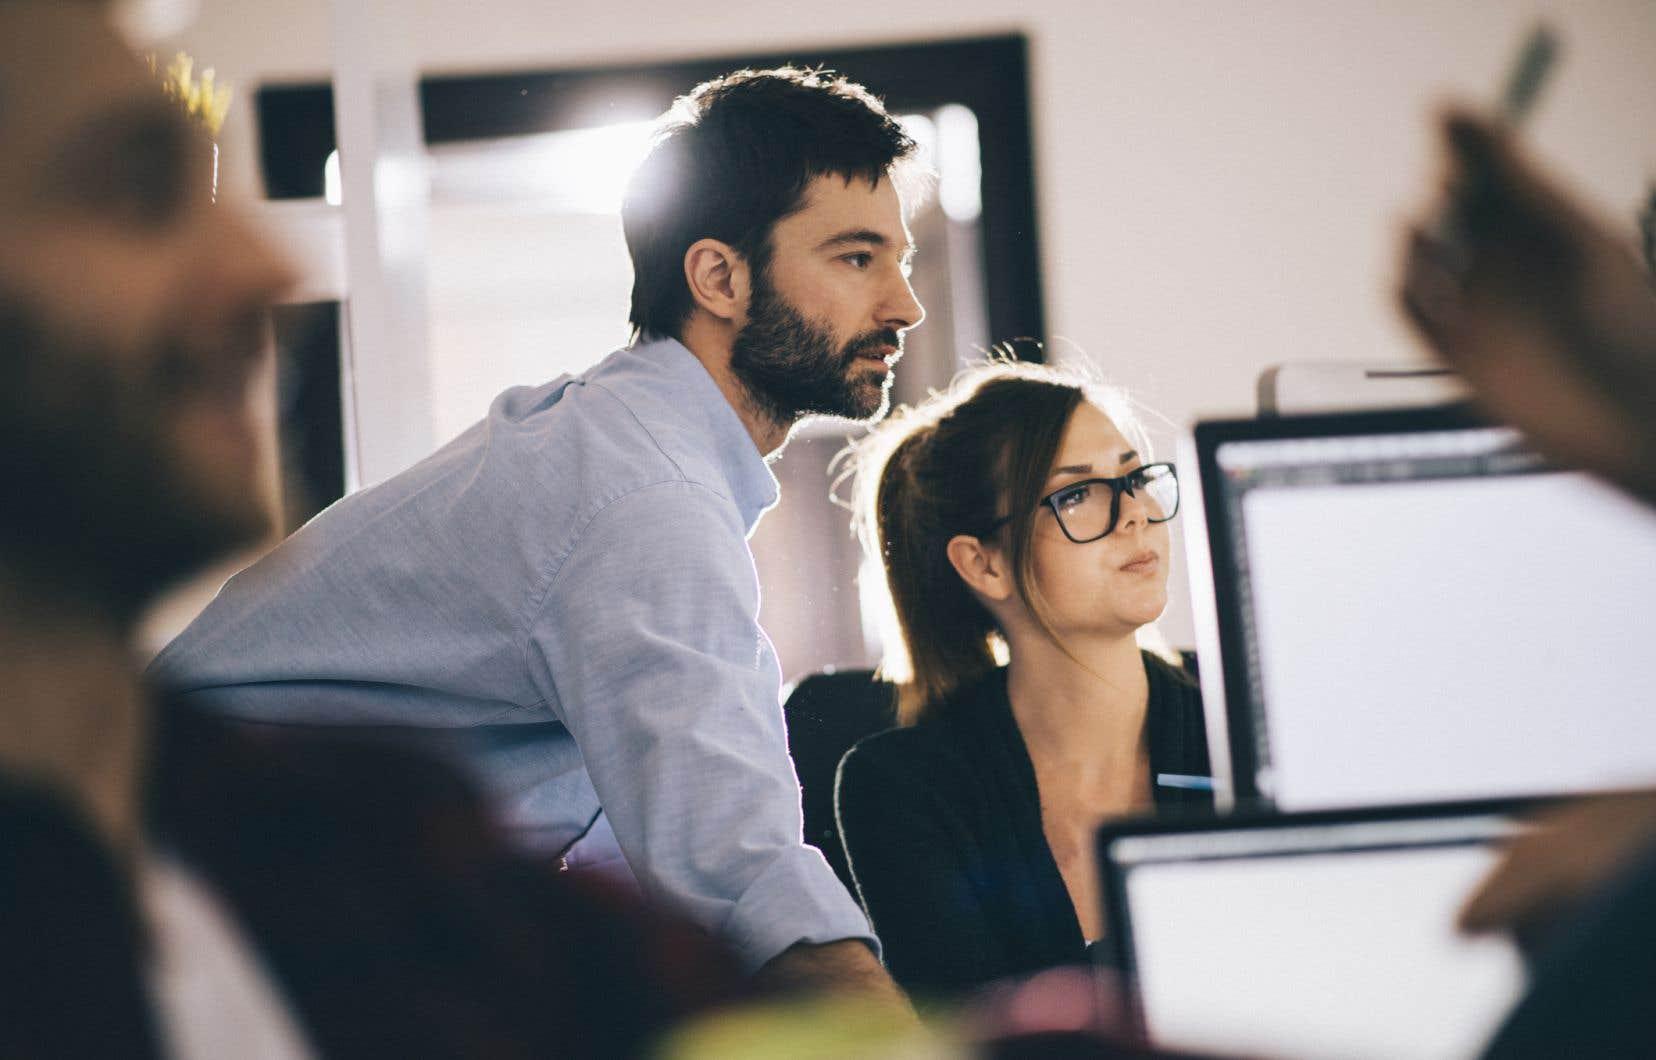 Le pourcentage de personnes intéressées par le lancement de leur propre entreprise atteint 42% chez les millénariaux.